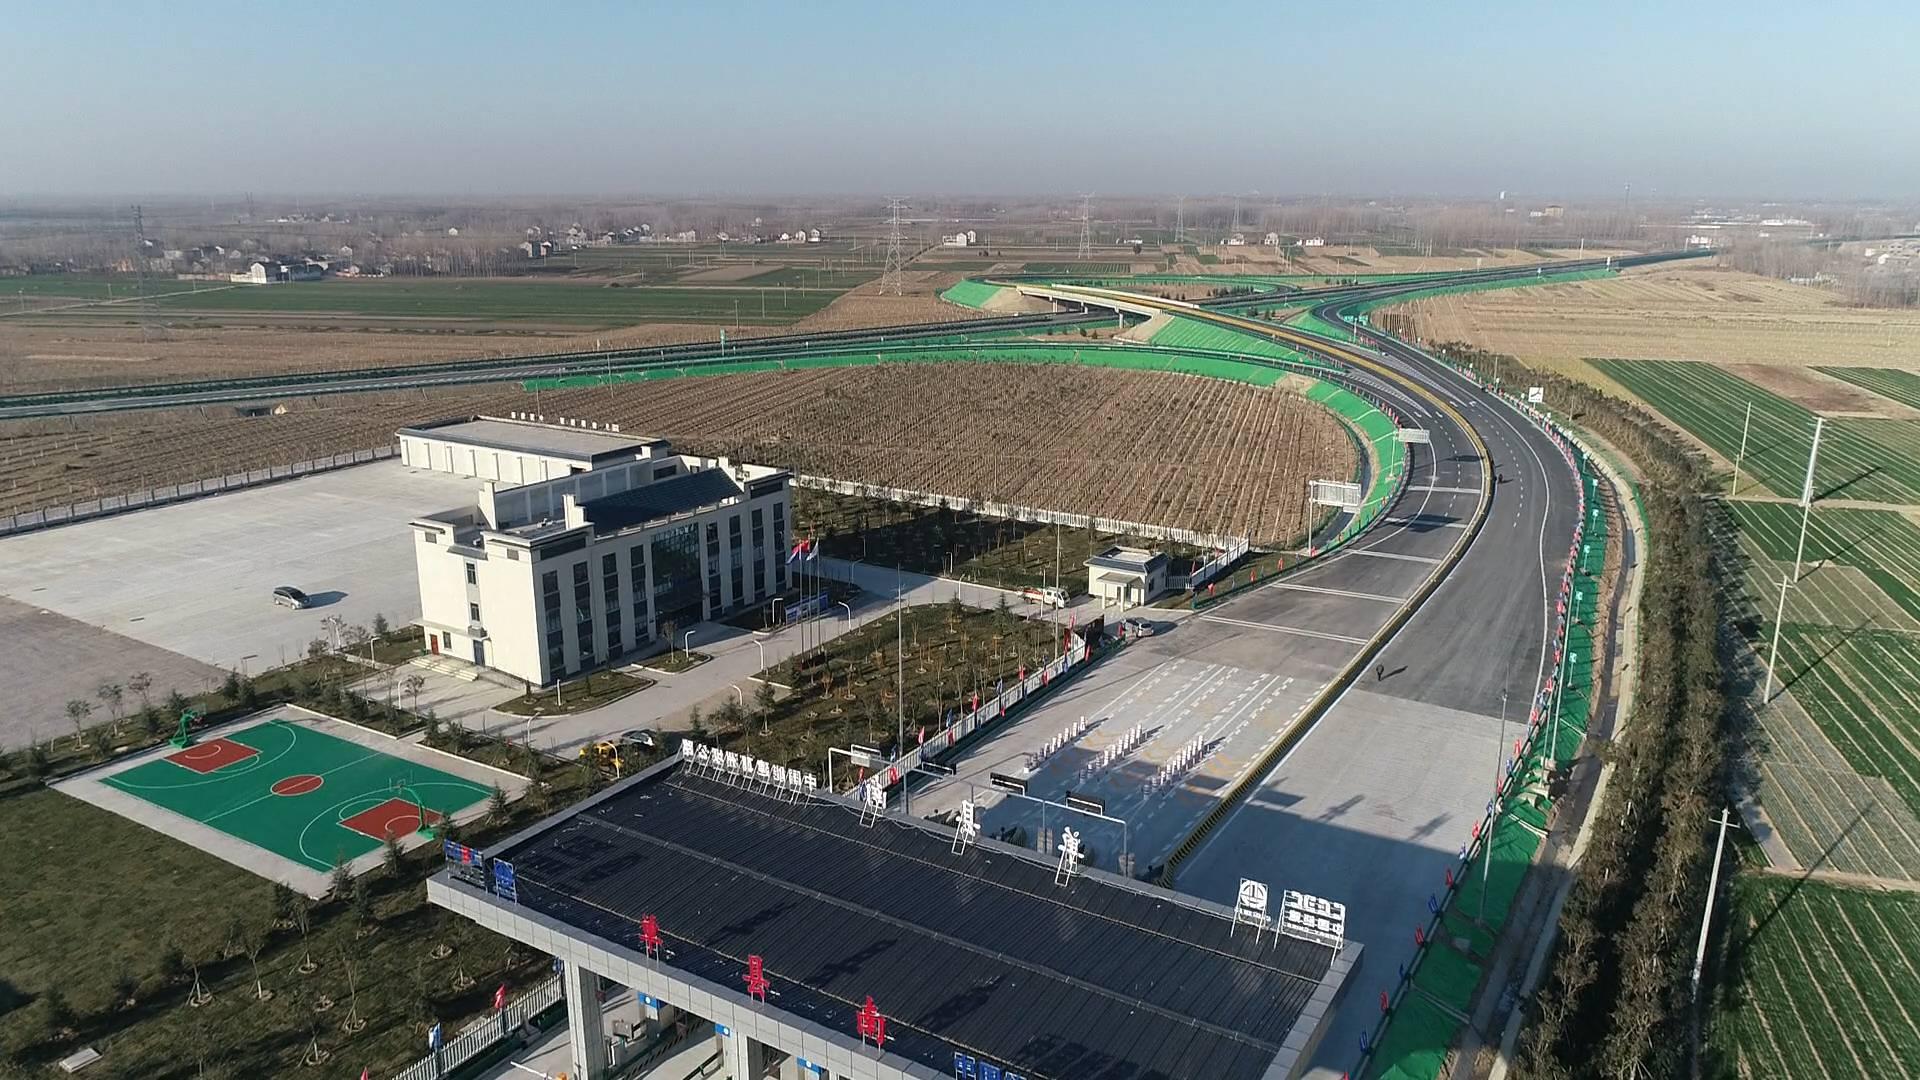 飞吧山东丨菏泽巨野至单县高速公路正式通车 两地行程缩短至1小时